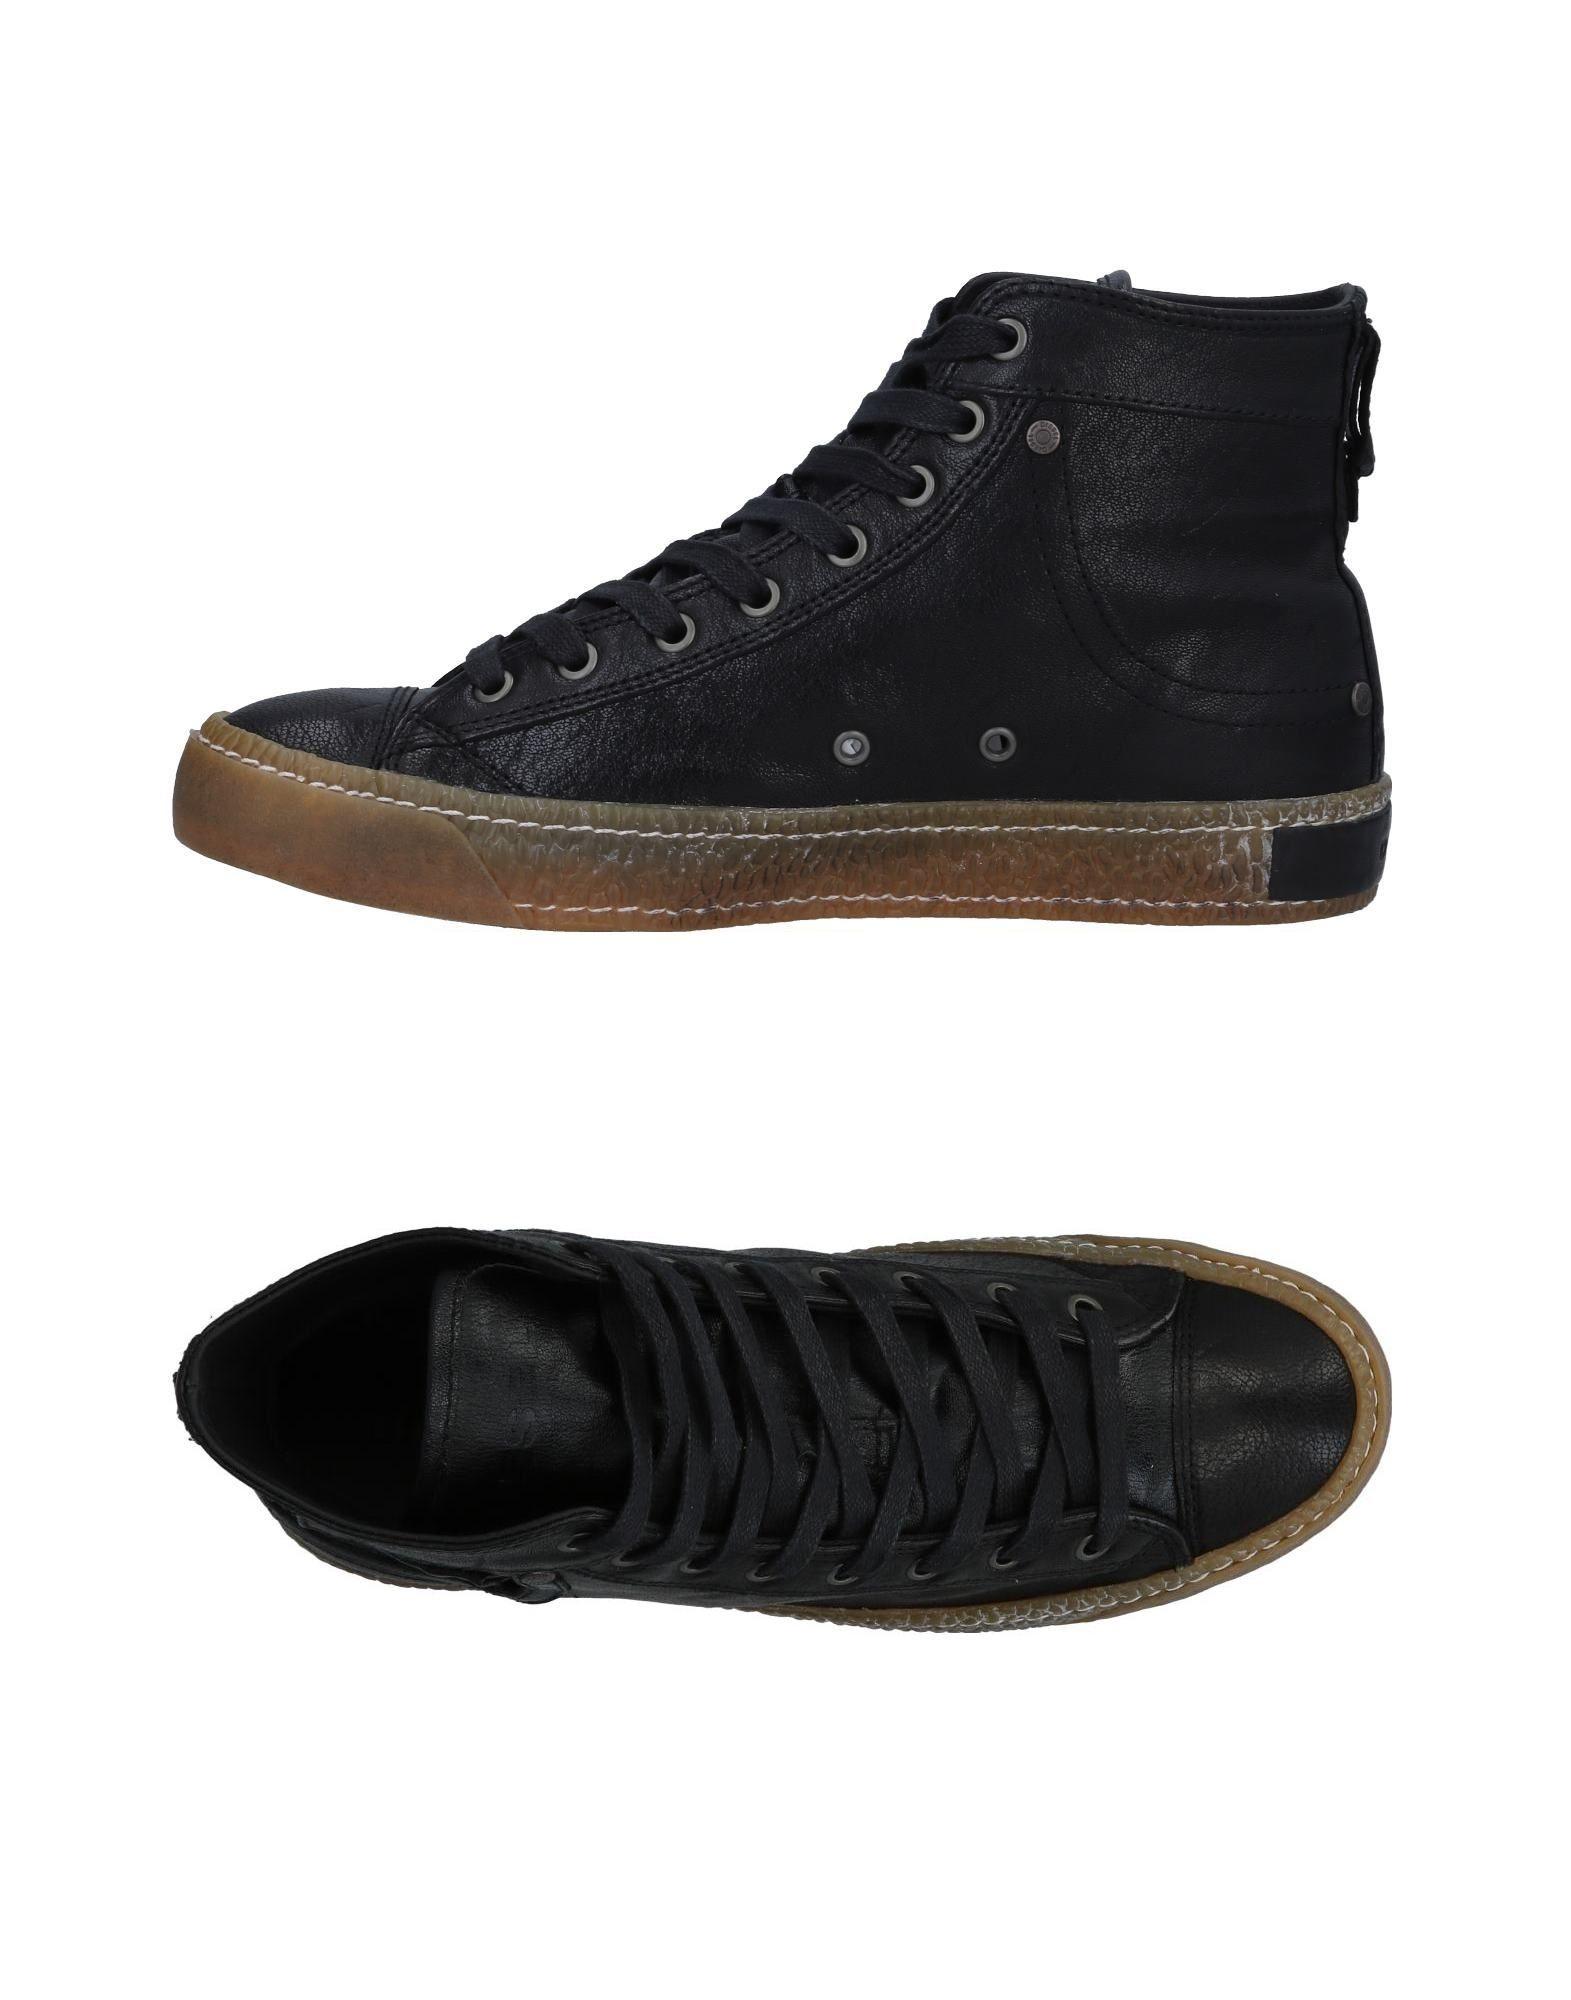 A buon mercato Sneakers Diesel Uomo - 11491034LI